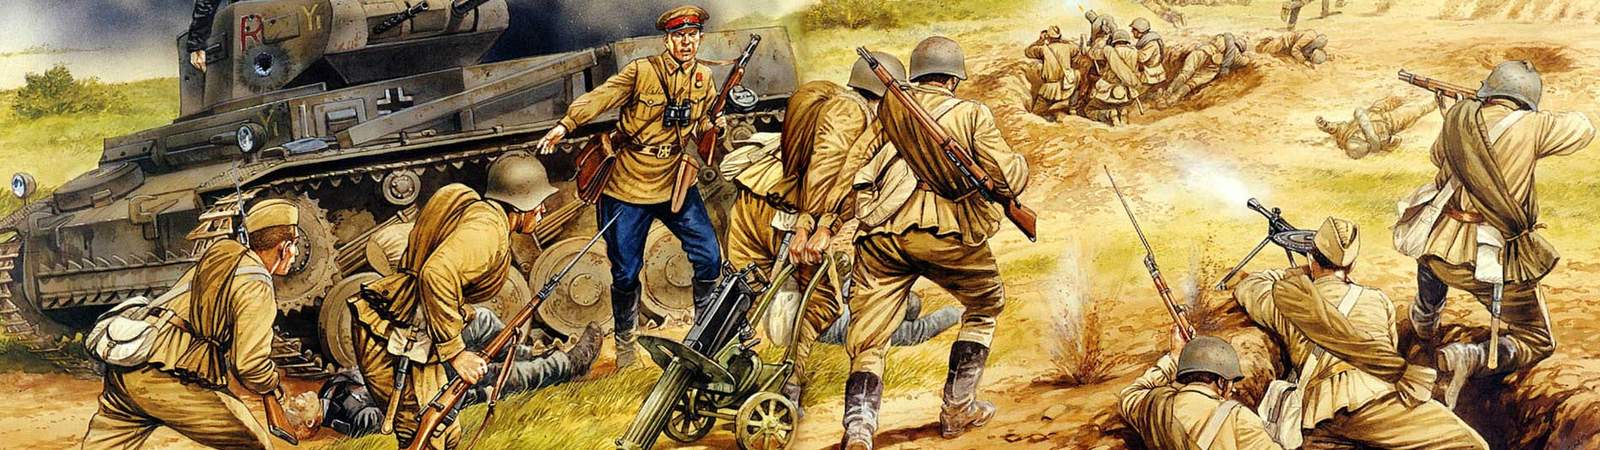 Солдаты Второй мировой войны